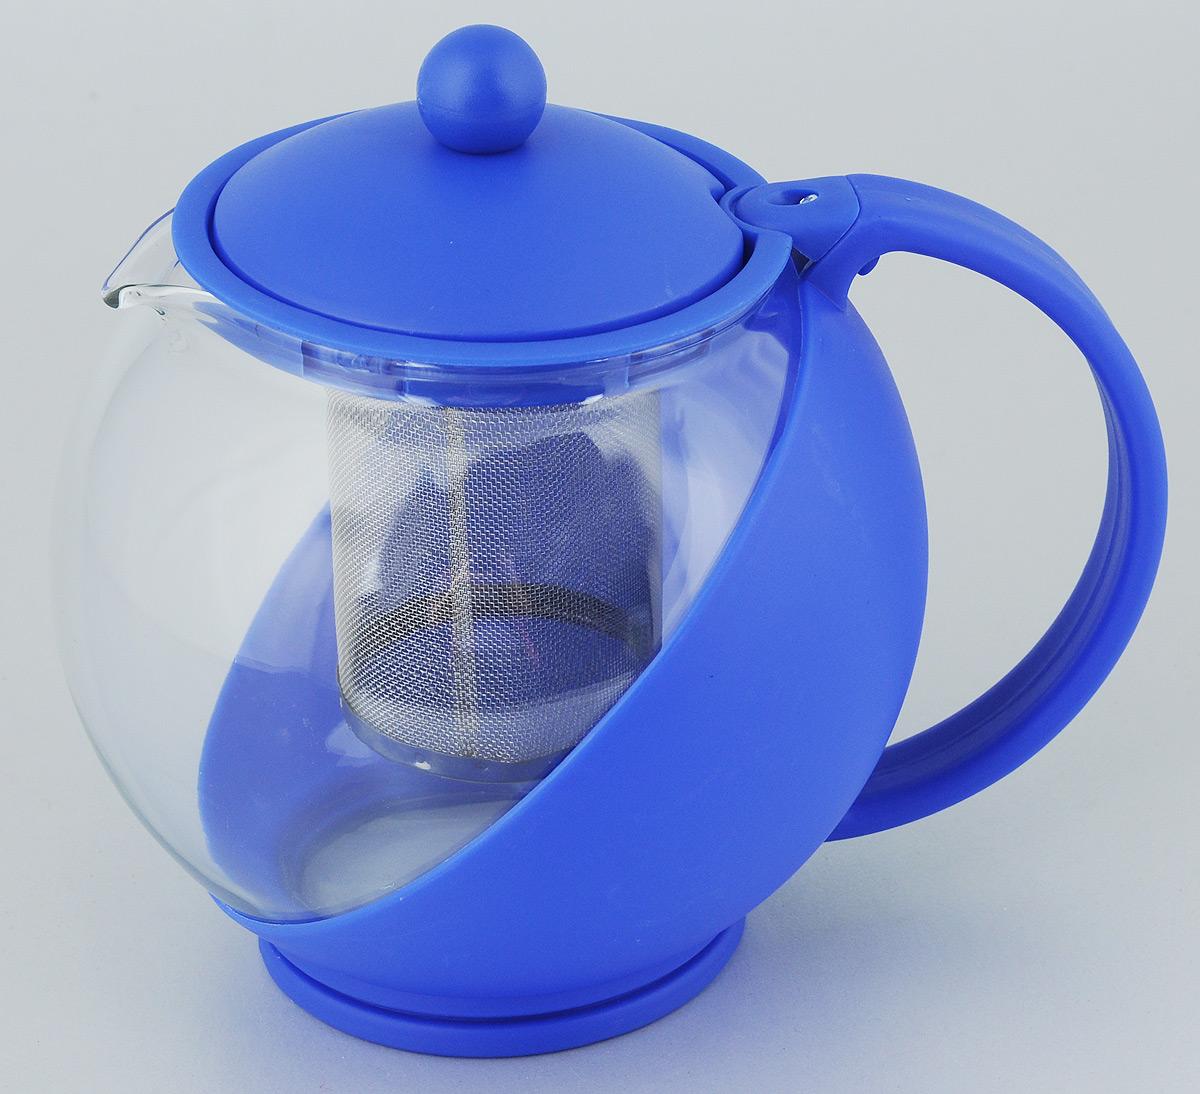 Чайник заварочный Bekker Koch, с фильтром, цвет: синий, 1,25 л контейнер пищевой вакуумный bekker koch прямоугольный 1 1 л page 11